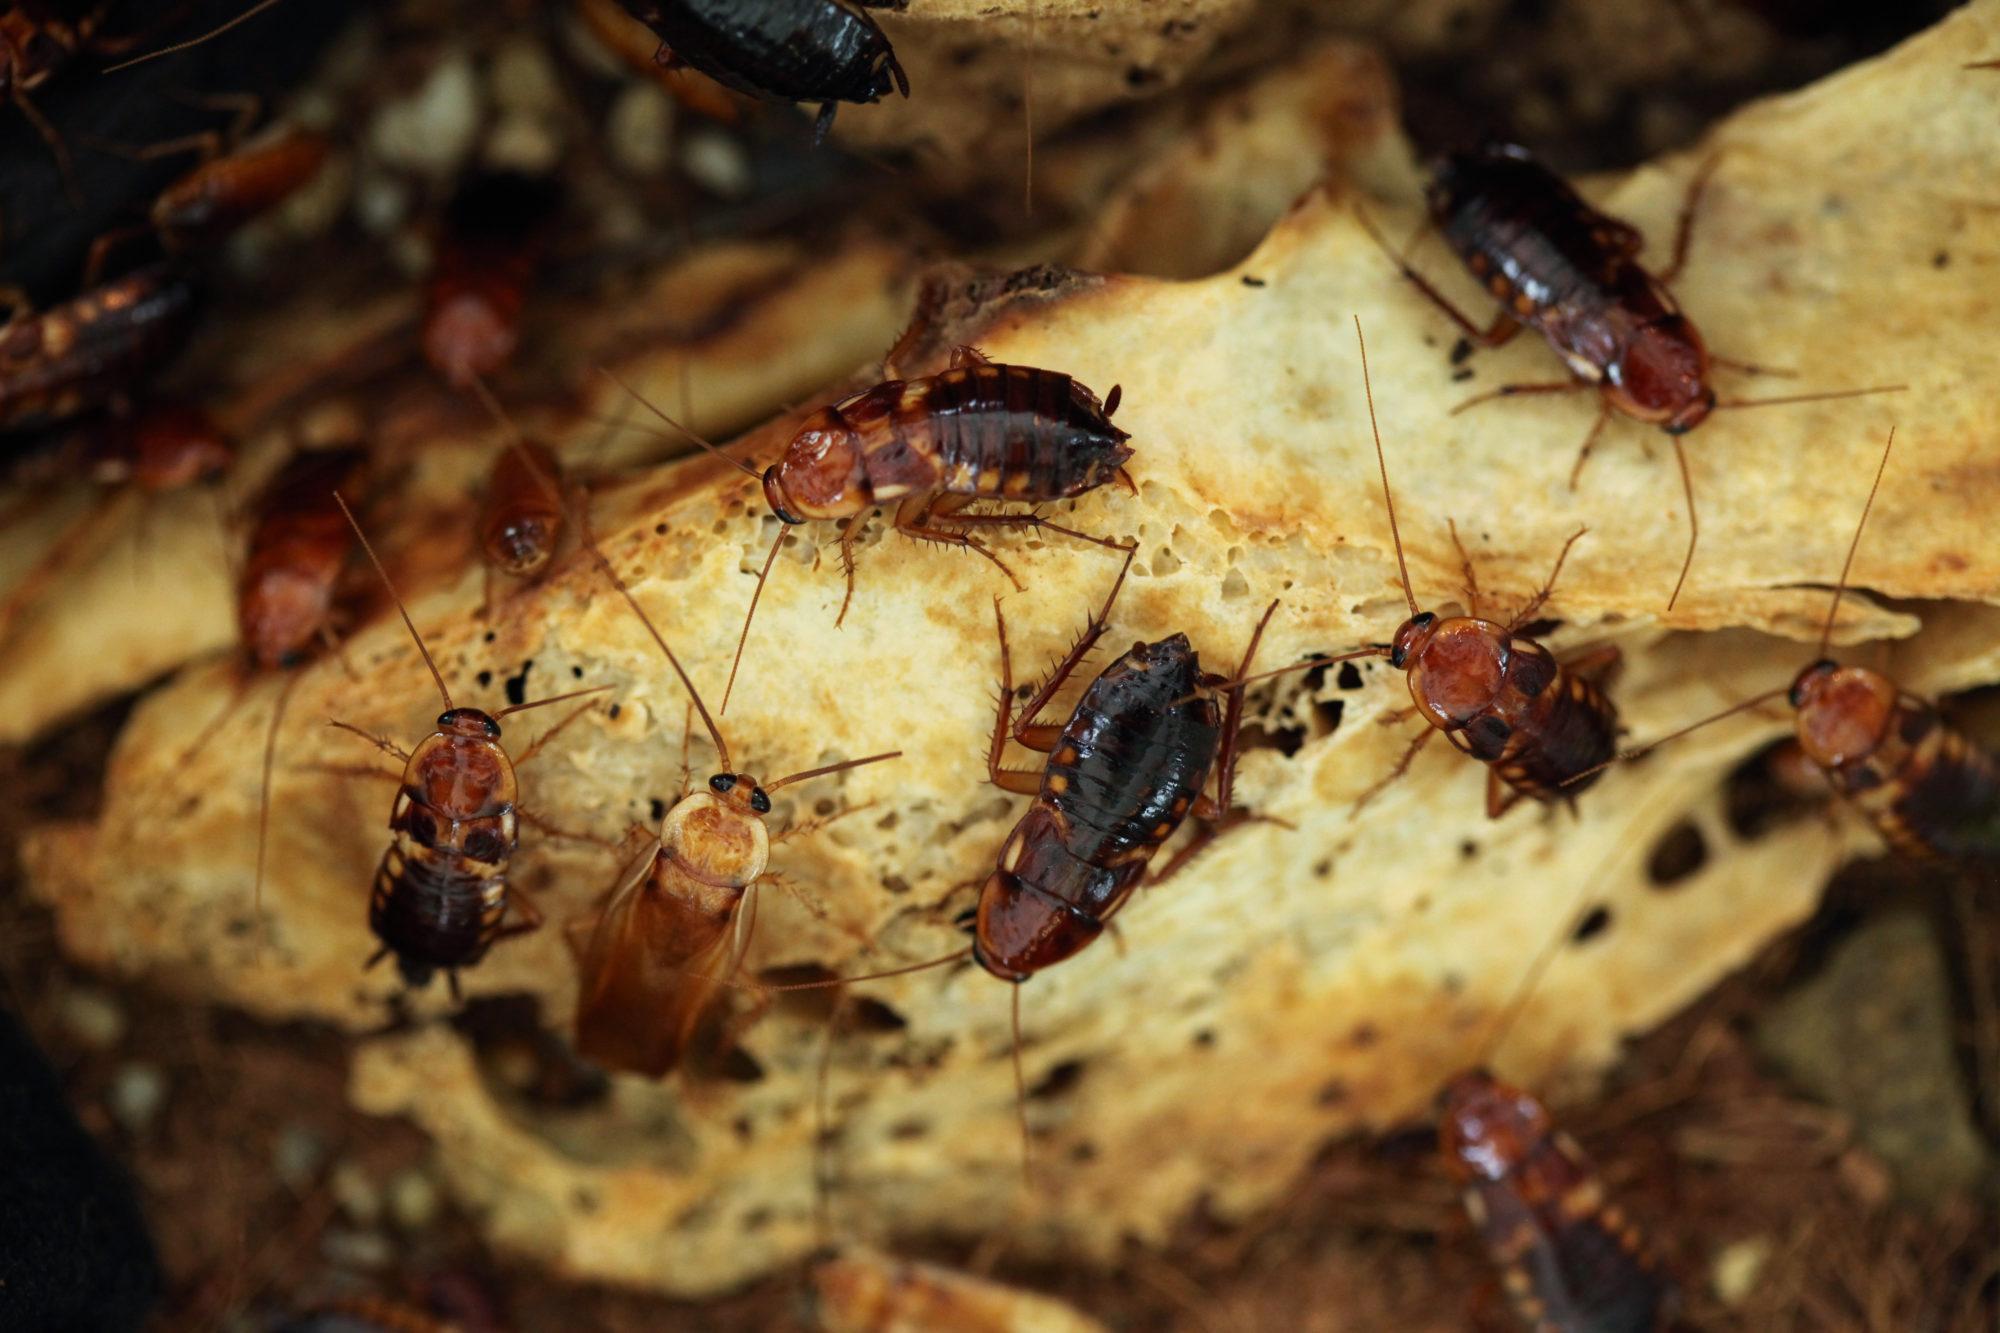 Тараканы быстро размножаются, поэтому бороться с ними надо сразу после того как обнаружили